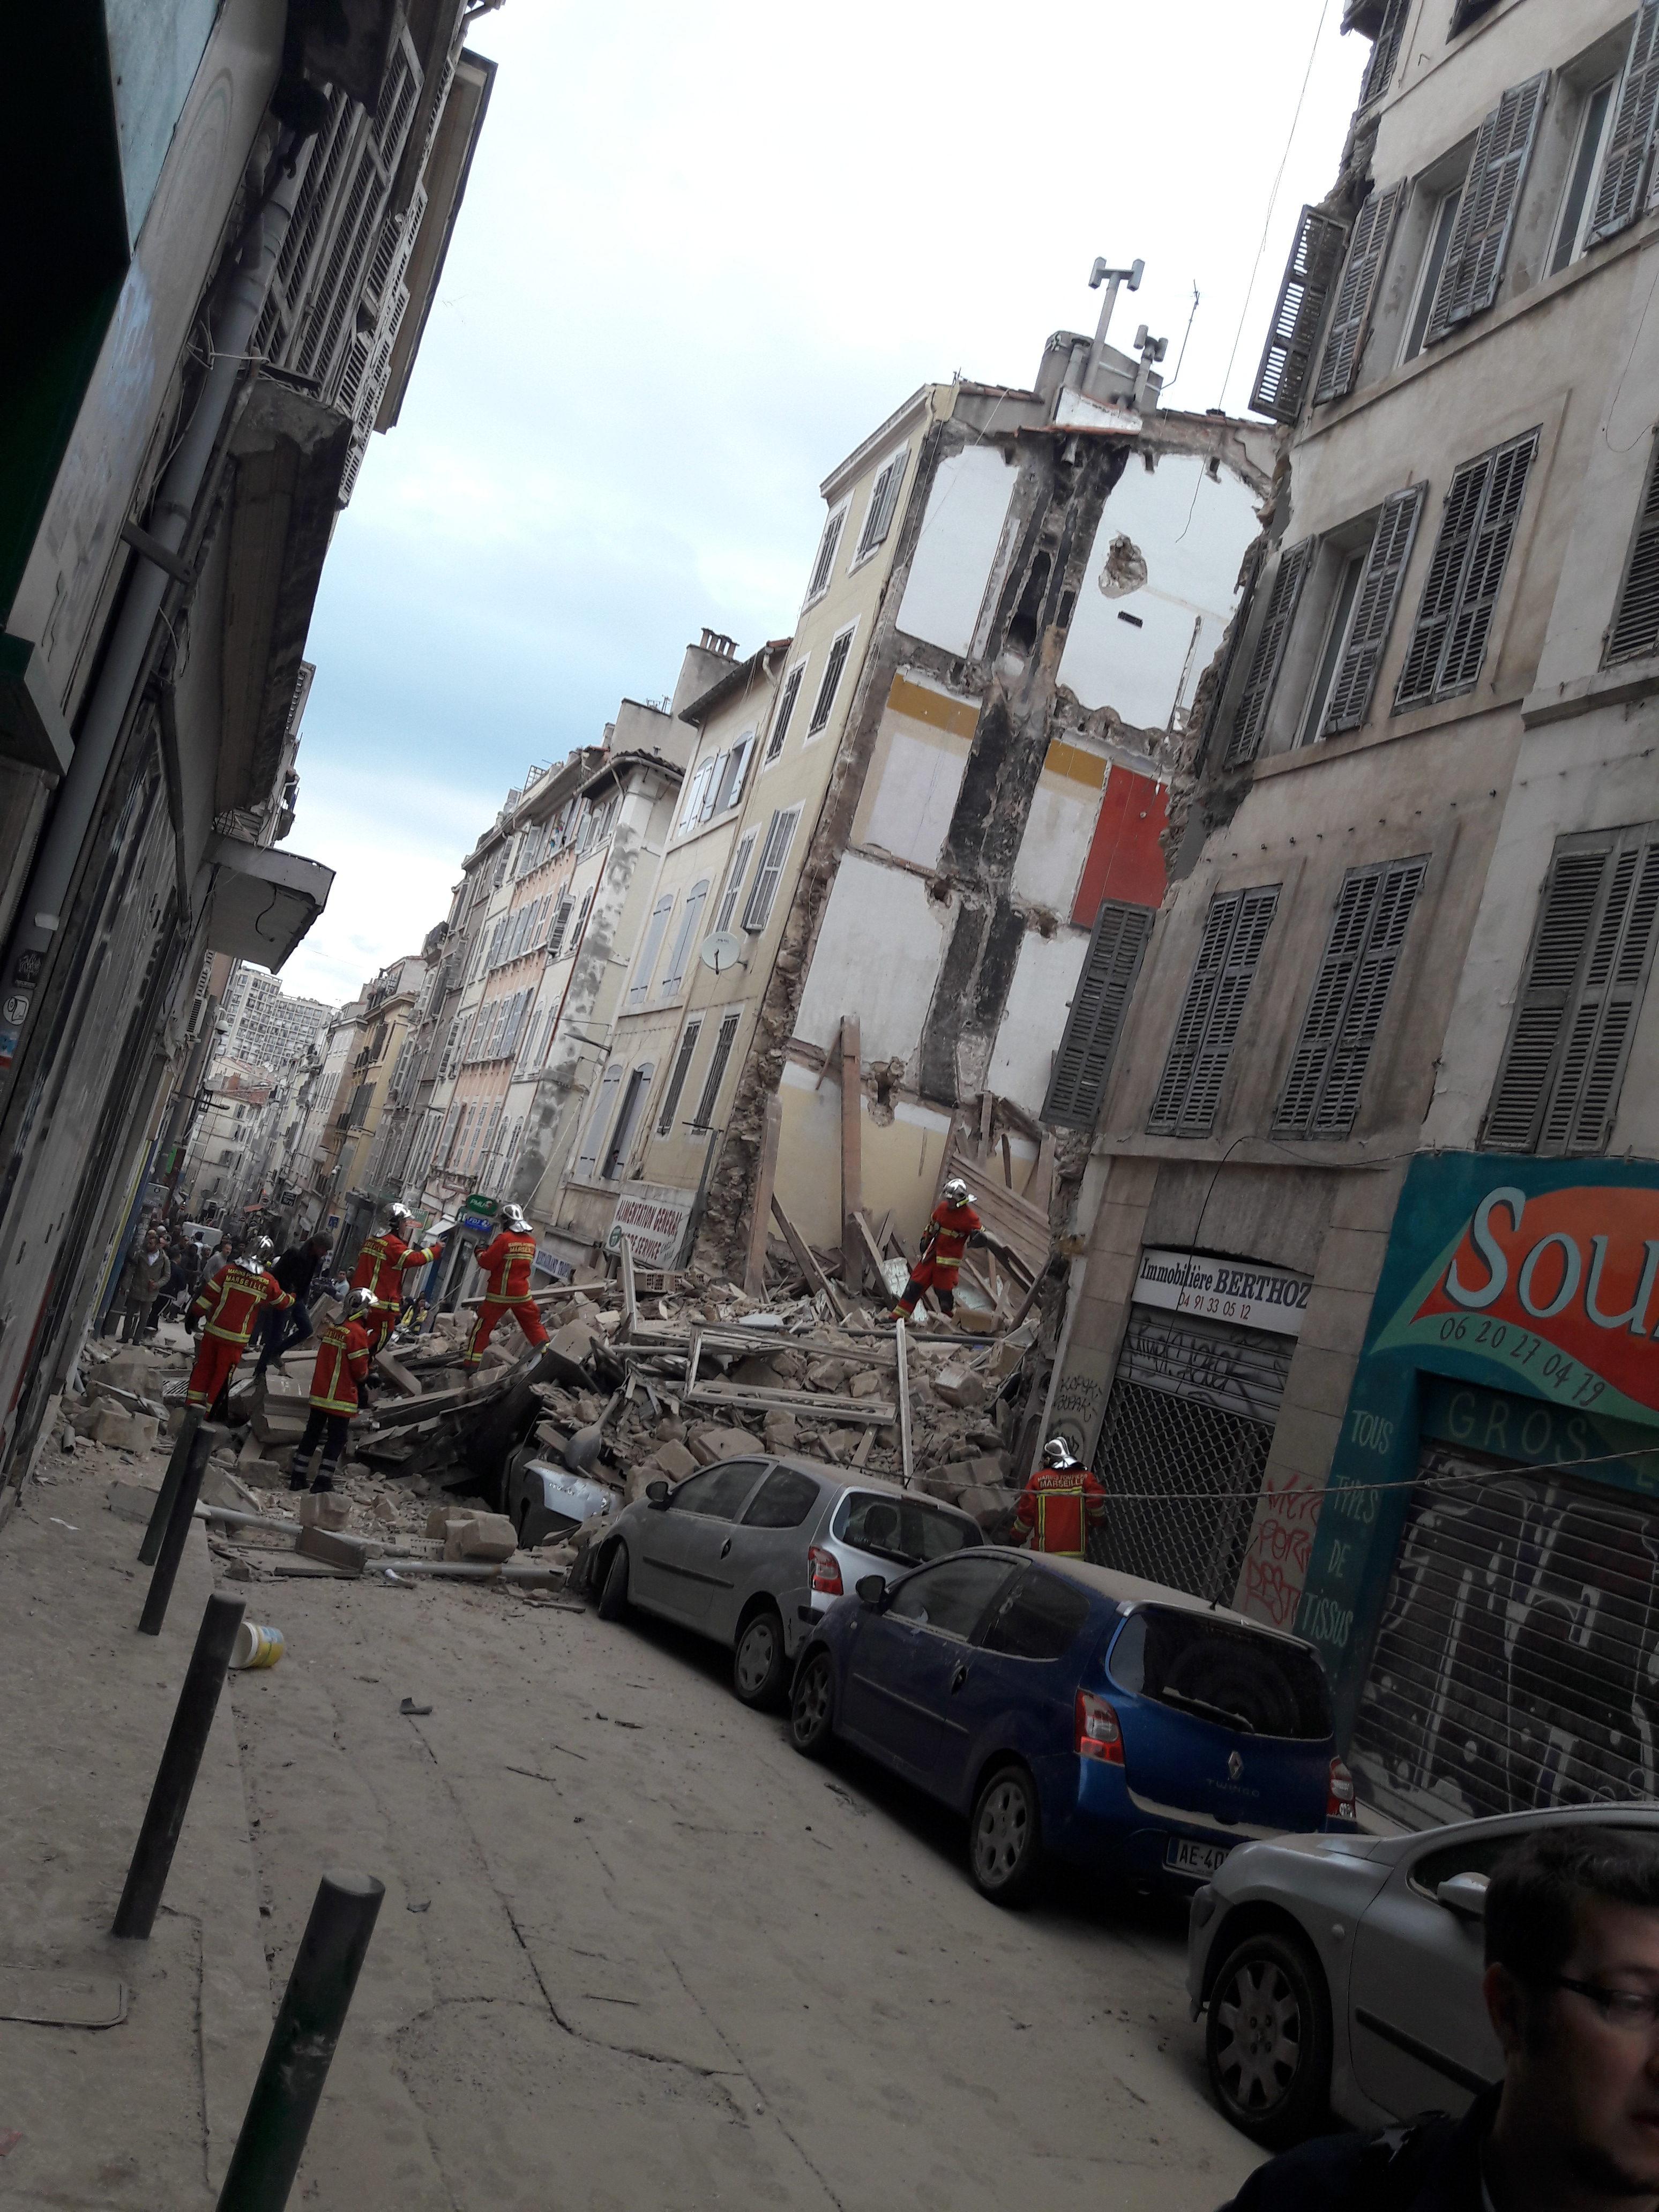 «La marche de la colère» organisée ce mercredi 14 novembre par le «Collectif du 5 novembre» a réuni 8.000 personnes à Marseille, 10 jours après l'effondrement des immeubles rue d'Aubagne.